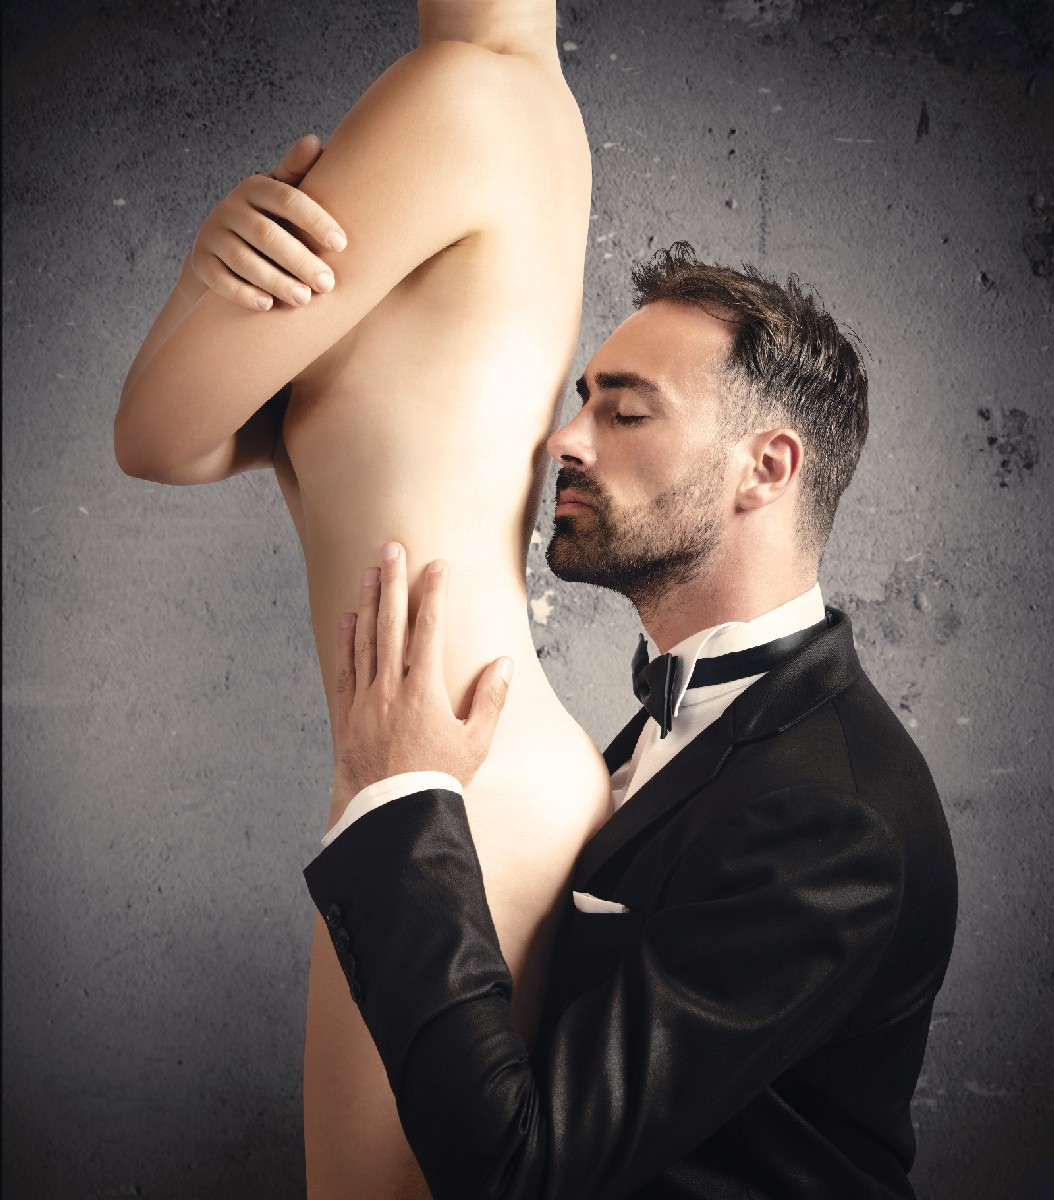 Forschung Geruch, Partner gut riechen, Geruch Partner, Partner Duft, Schweiß Partner